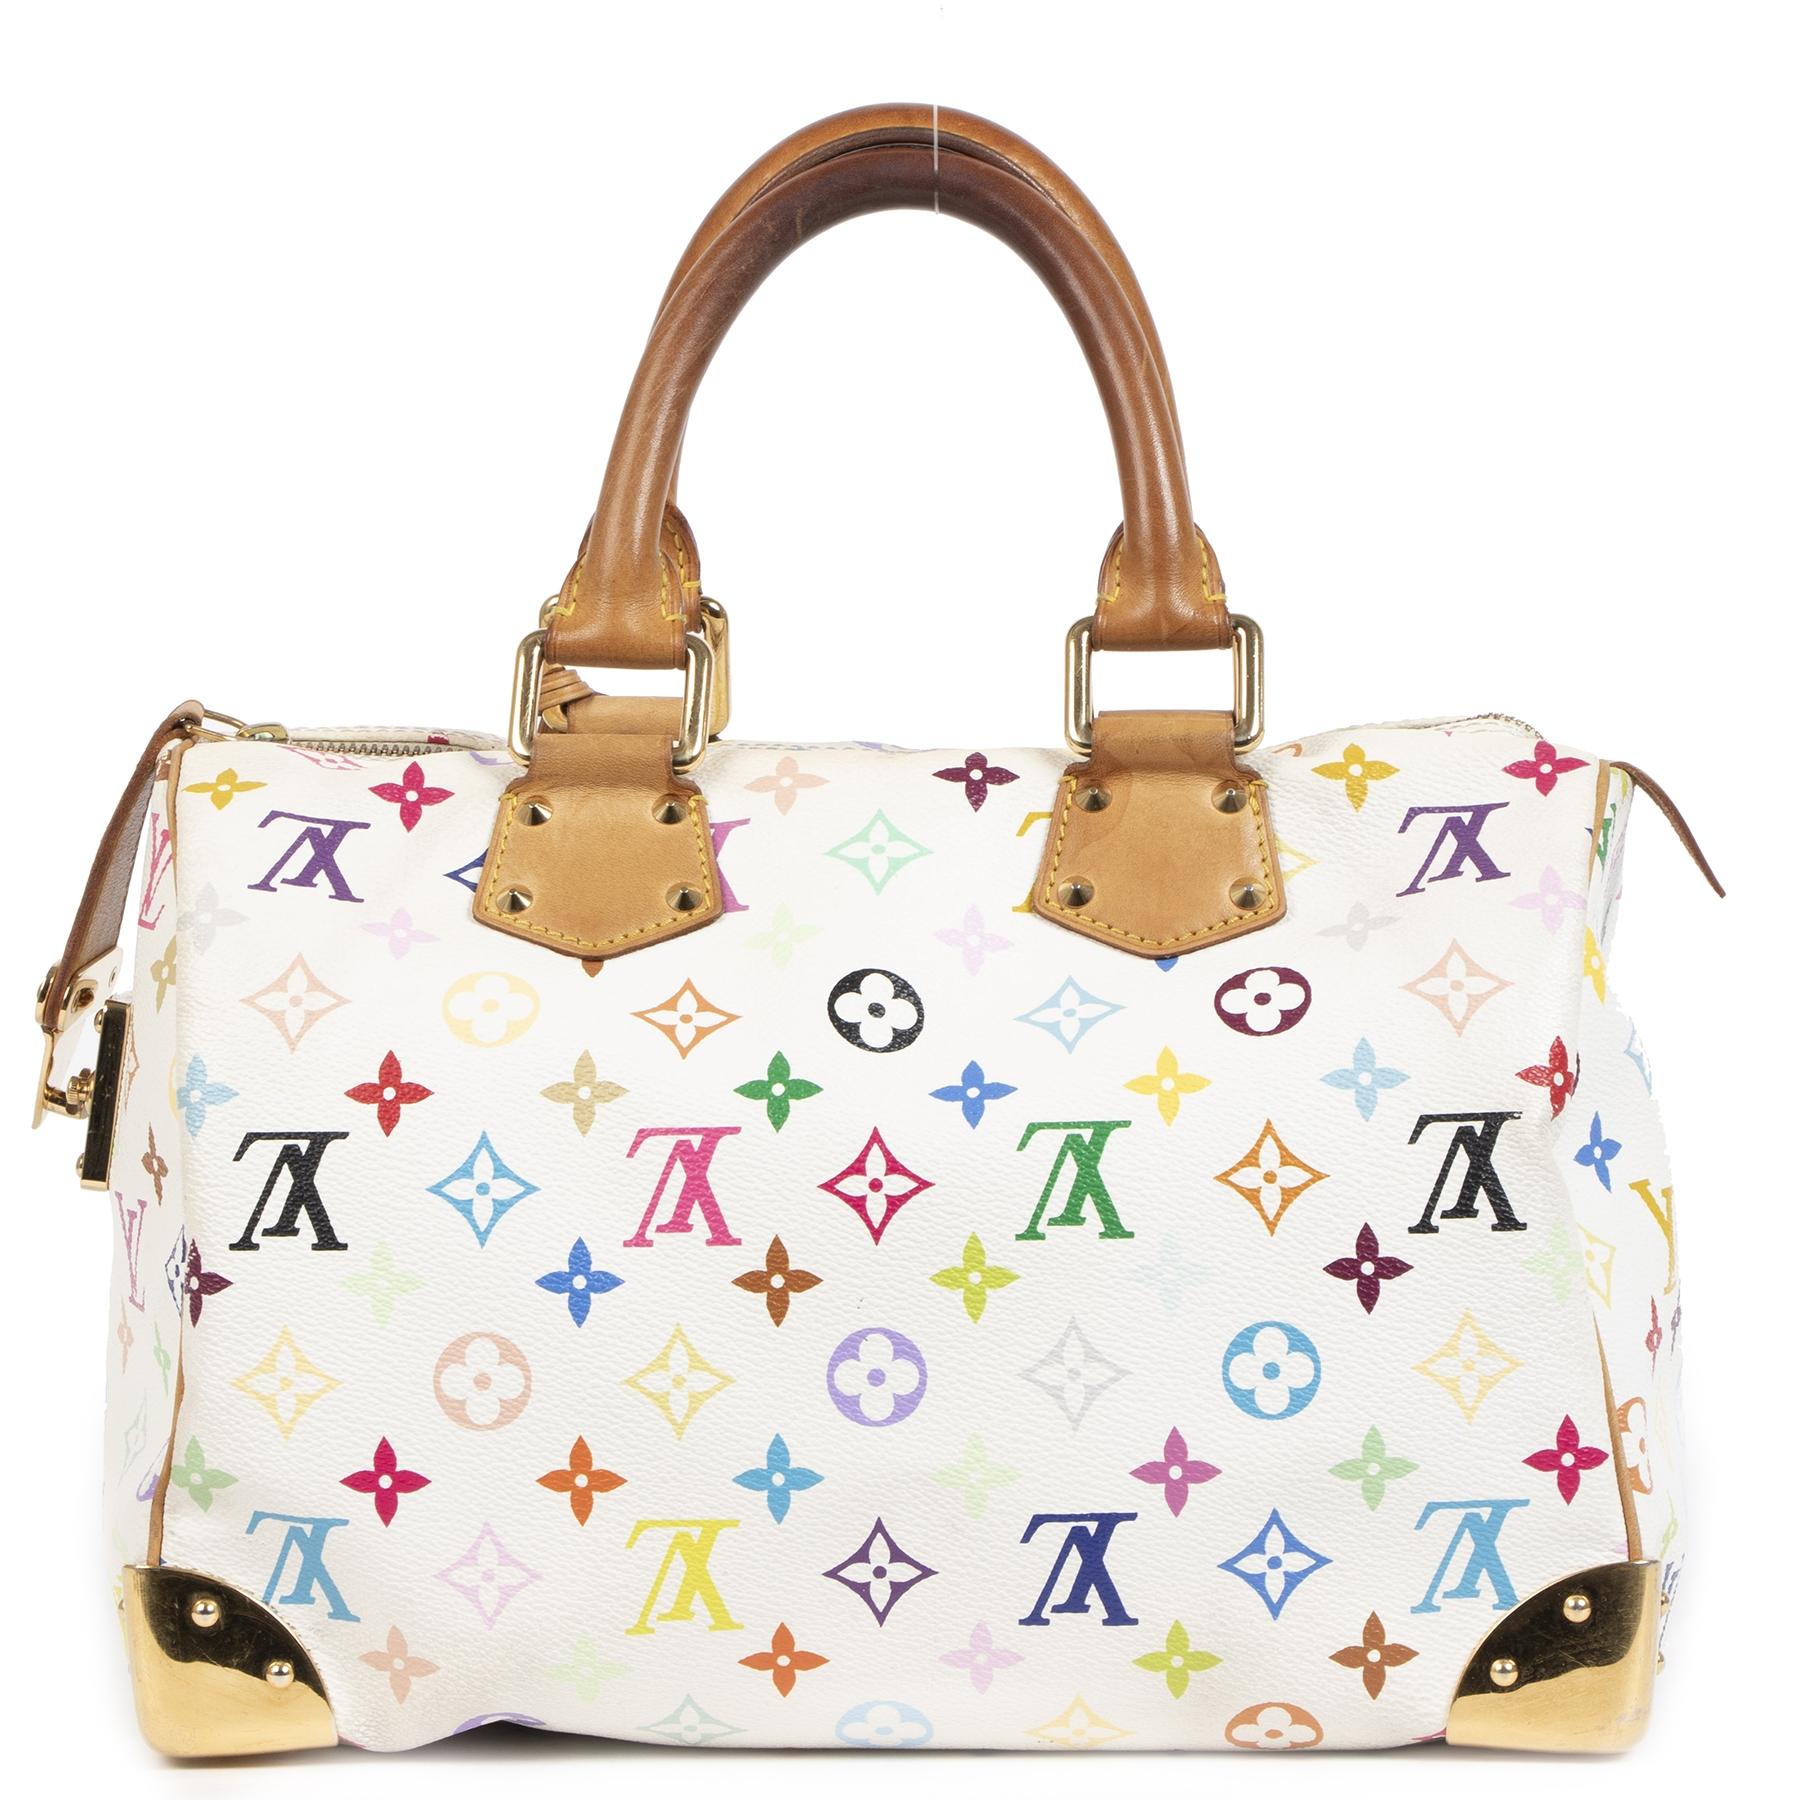 Authentieke Tweedehands Louis Vuitton Murakami Monogram Multicolor Speedy City Bag juiste prijs veilig online shoppen luxe merken webshop winkelen Antwerpen België mode fashion